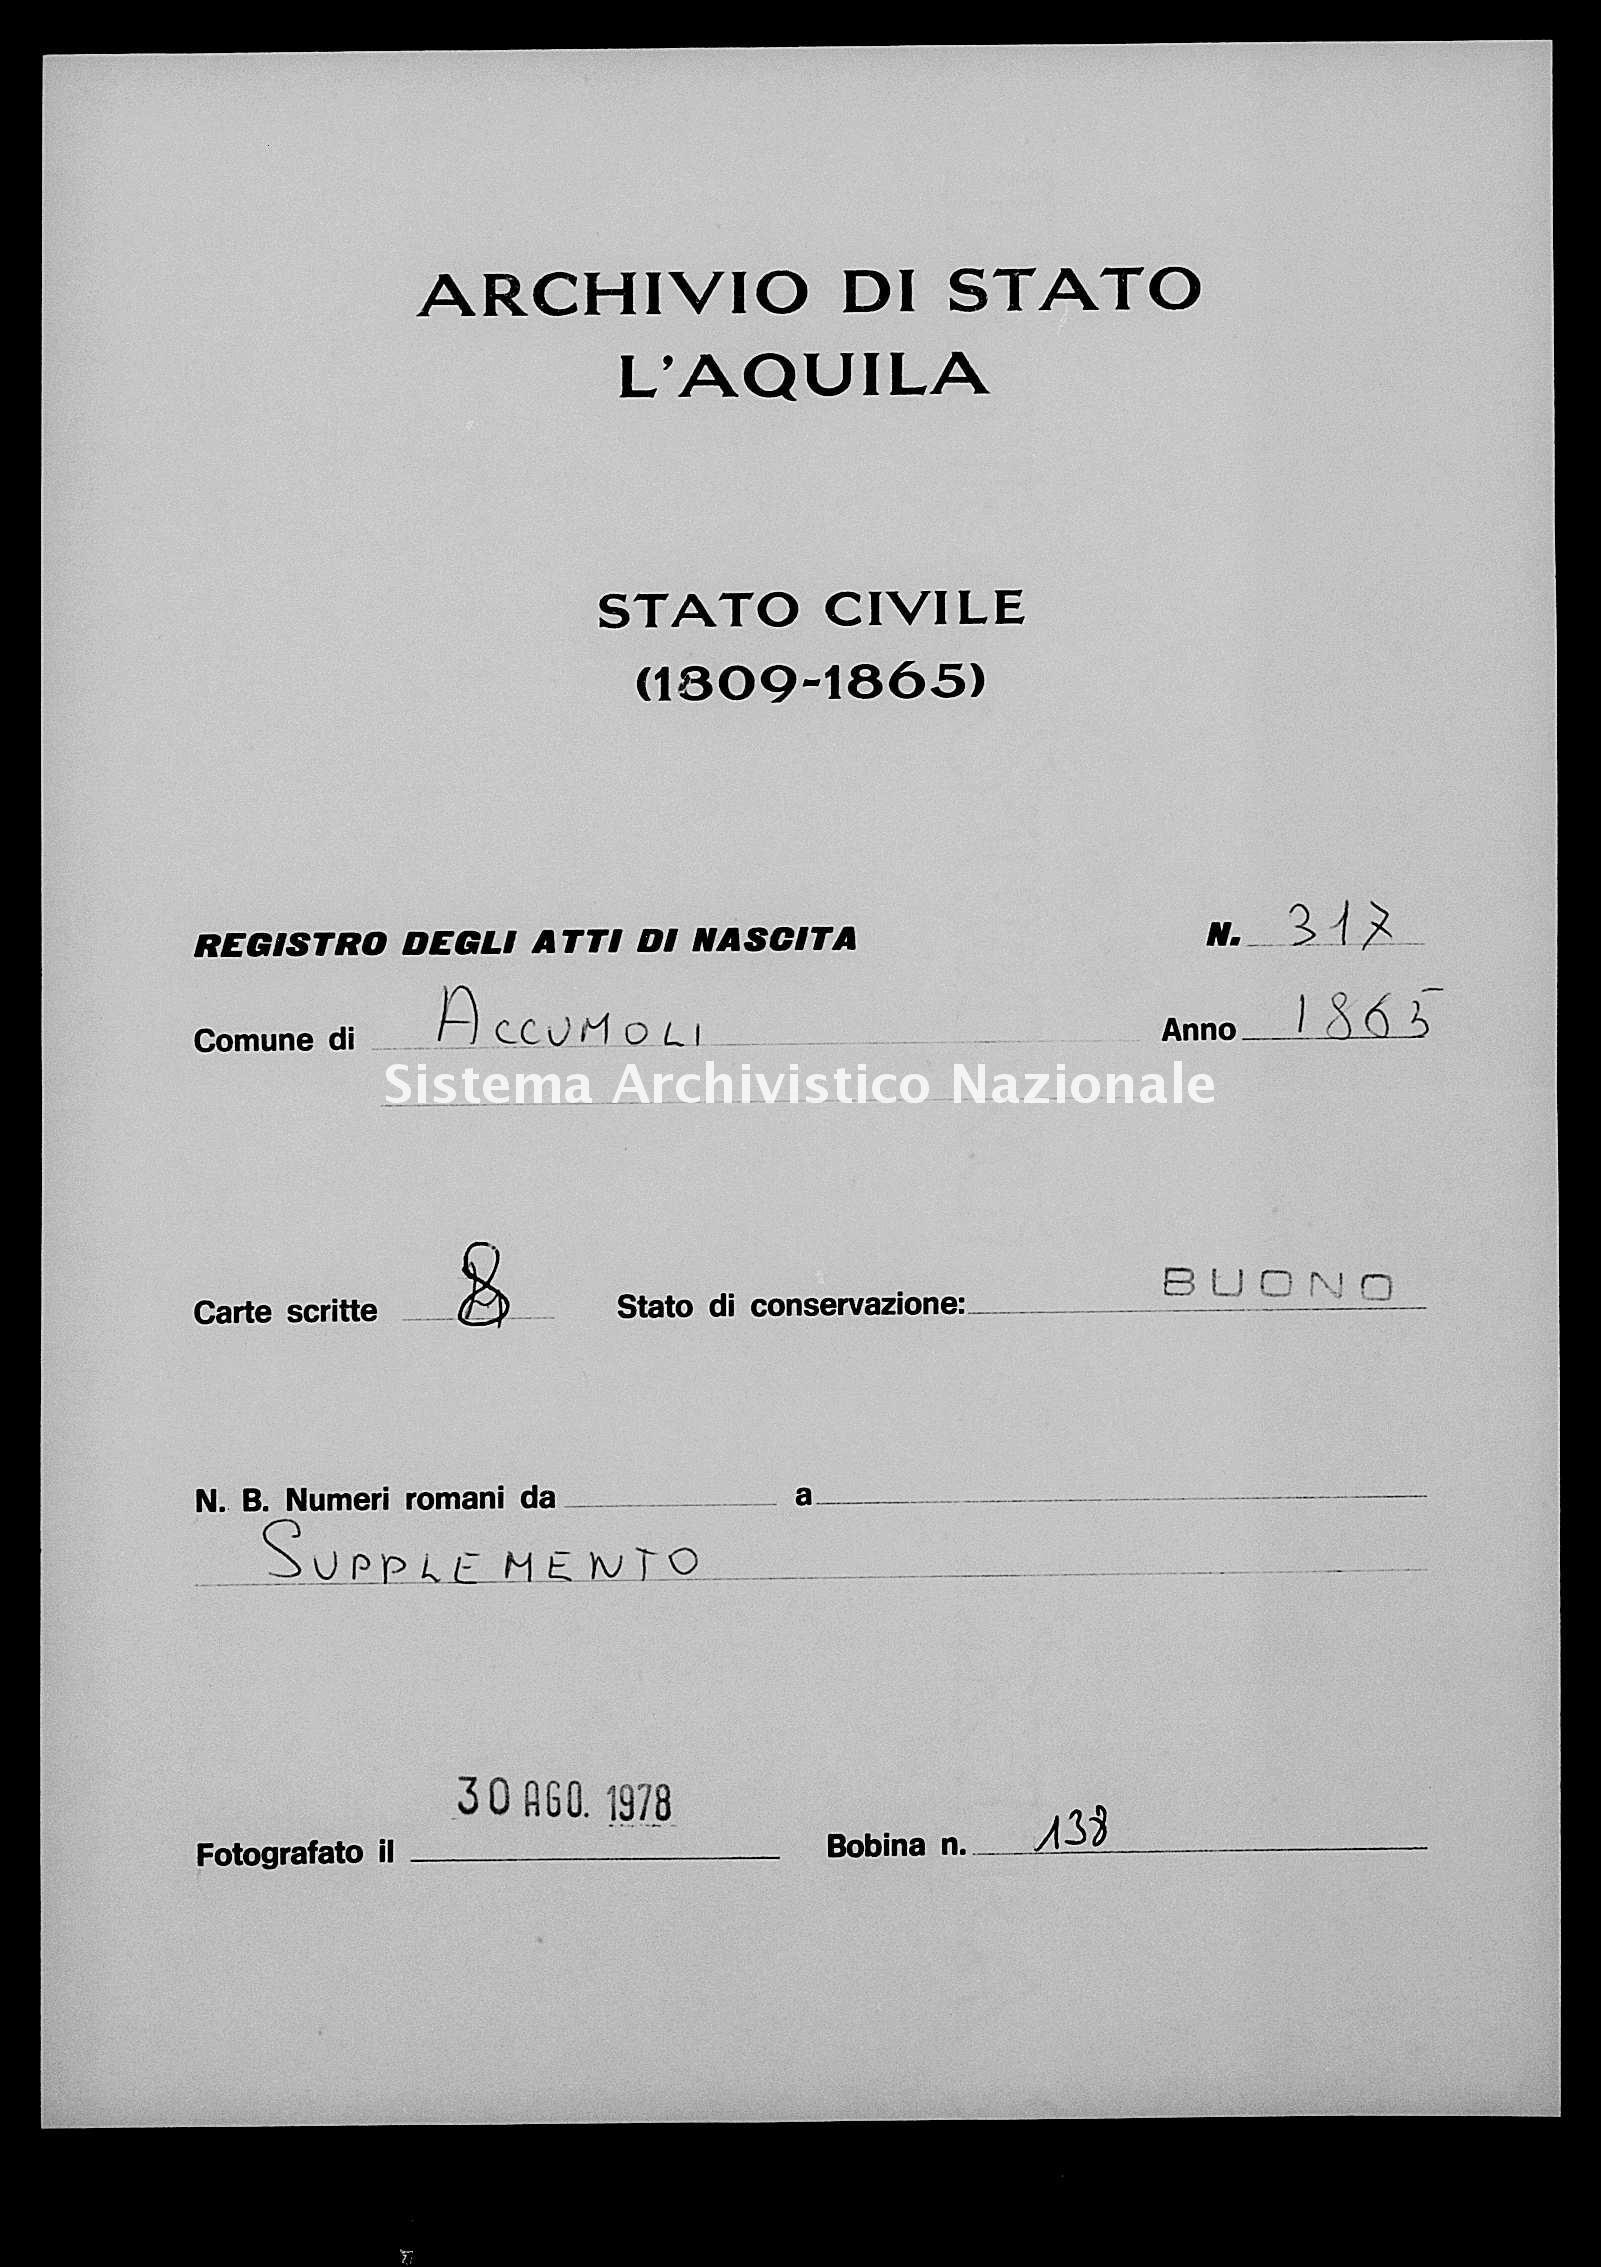 Archivio di stato di L'aquila - Stato civile italiano - Accumoli - Nati, esposti - 1865 - 317 -